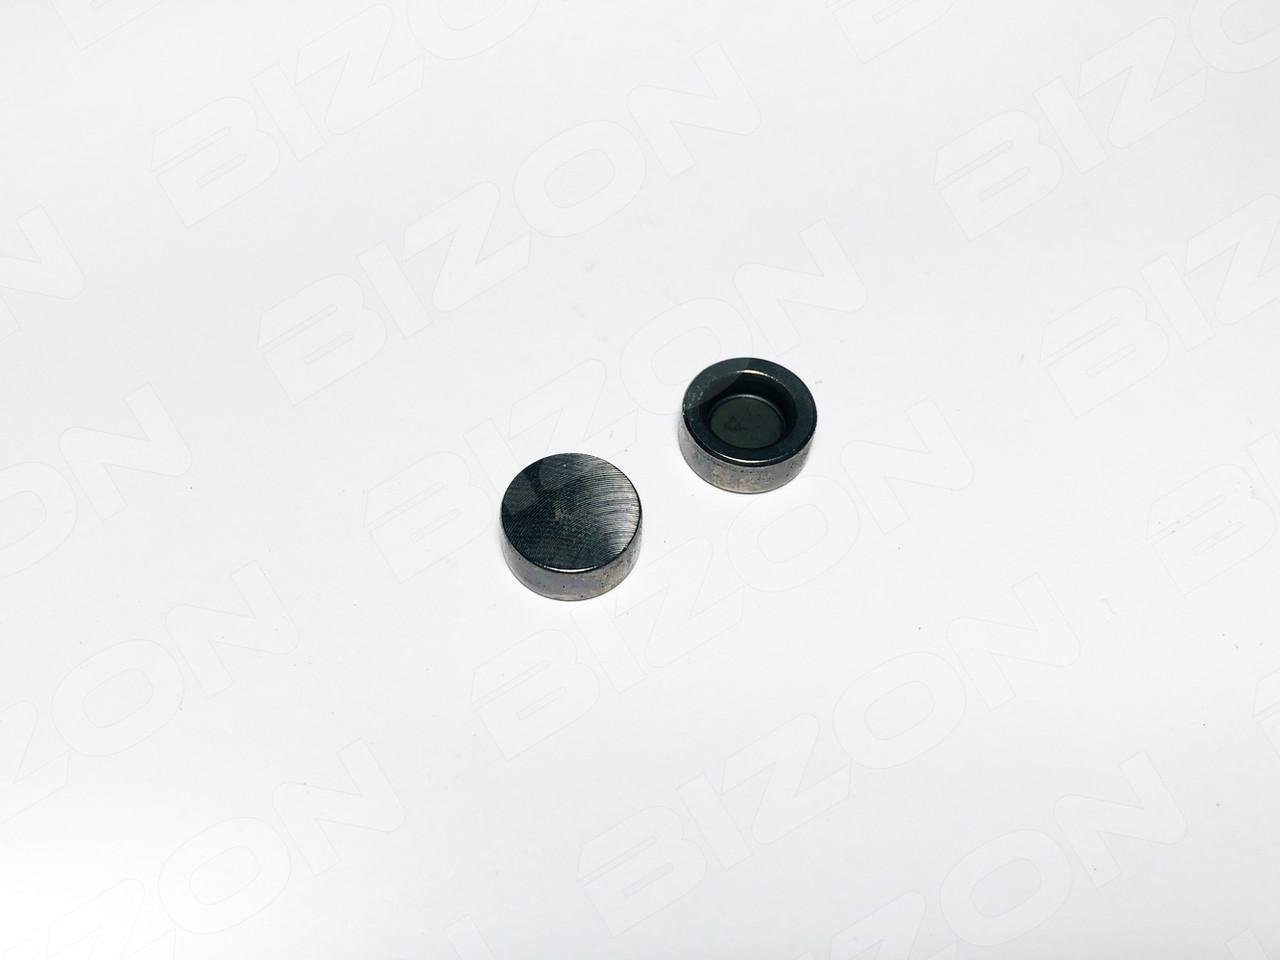 Компенсатор клапана тепловой (на 1 клапан)